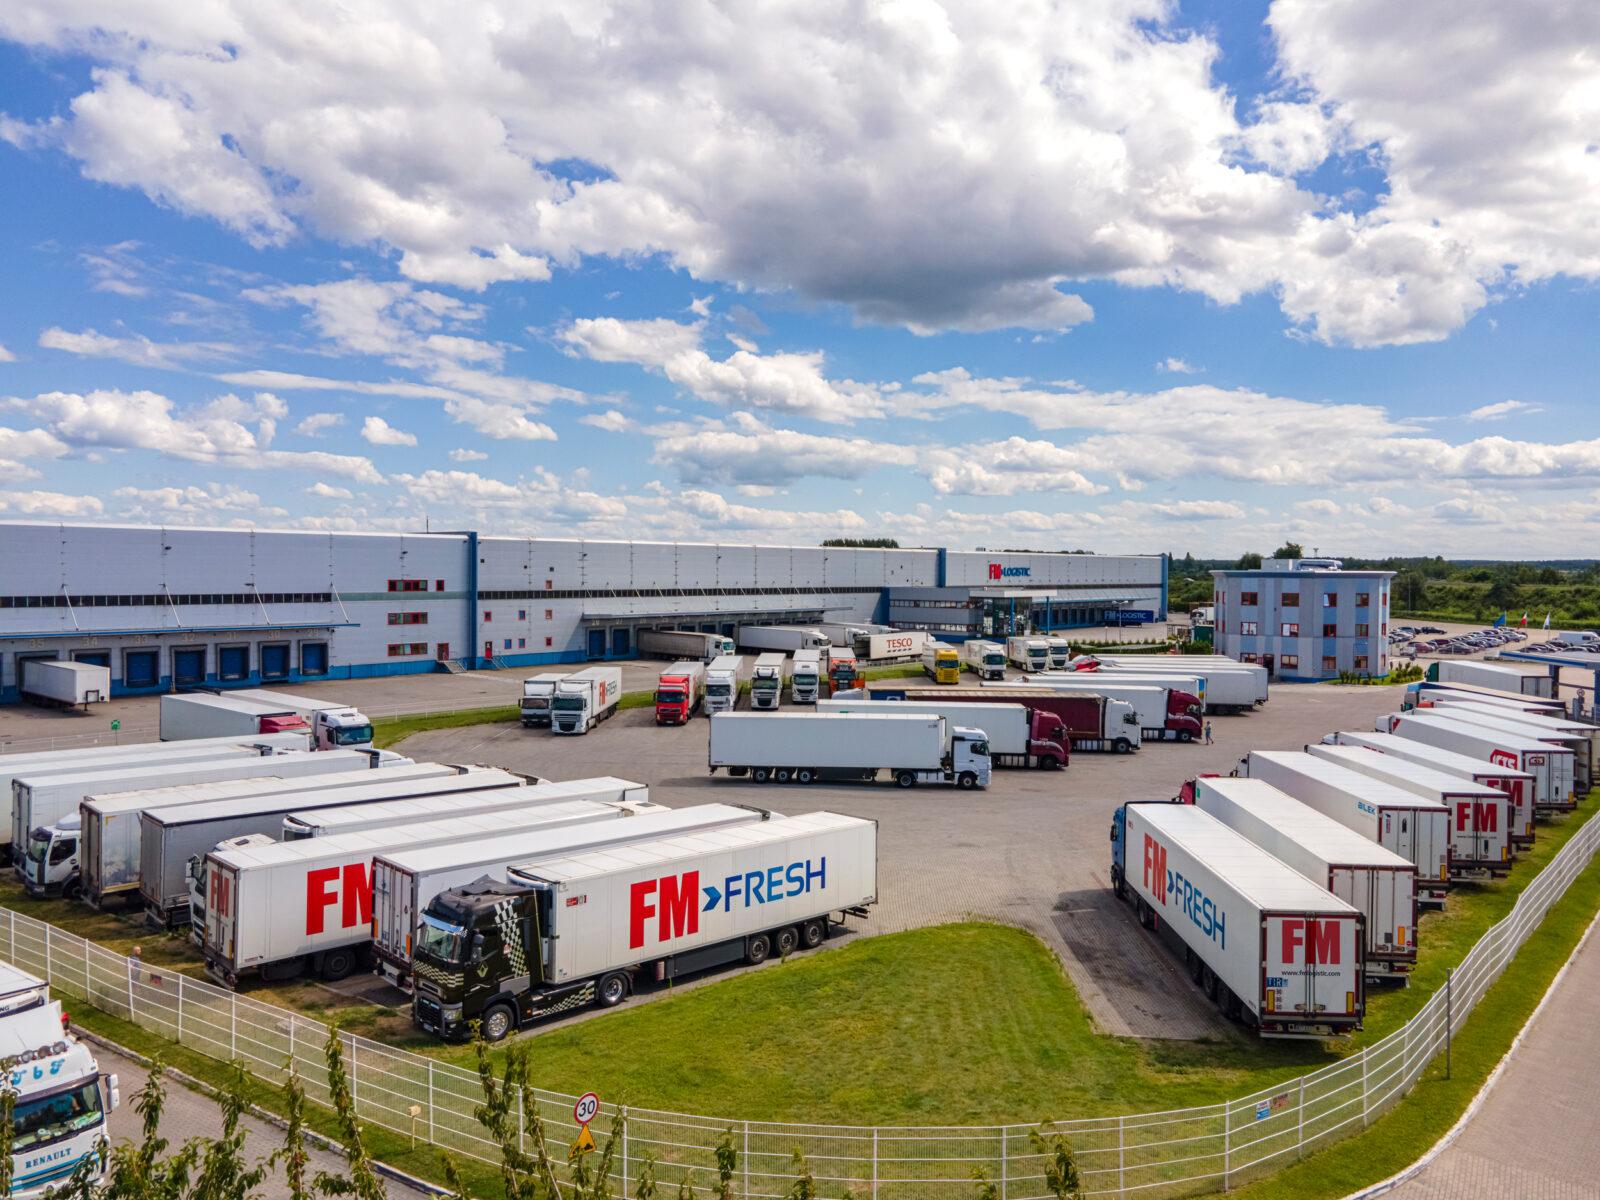 Trzy możliwe scenariusze rozwoju logistyki w Europie. Branża znacząco wpłynie na kształt światowej gospodarki